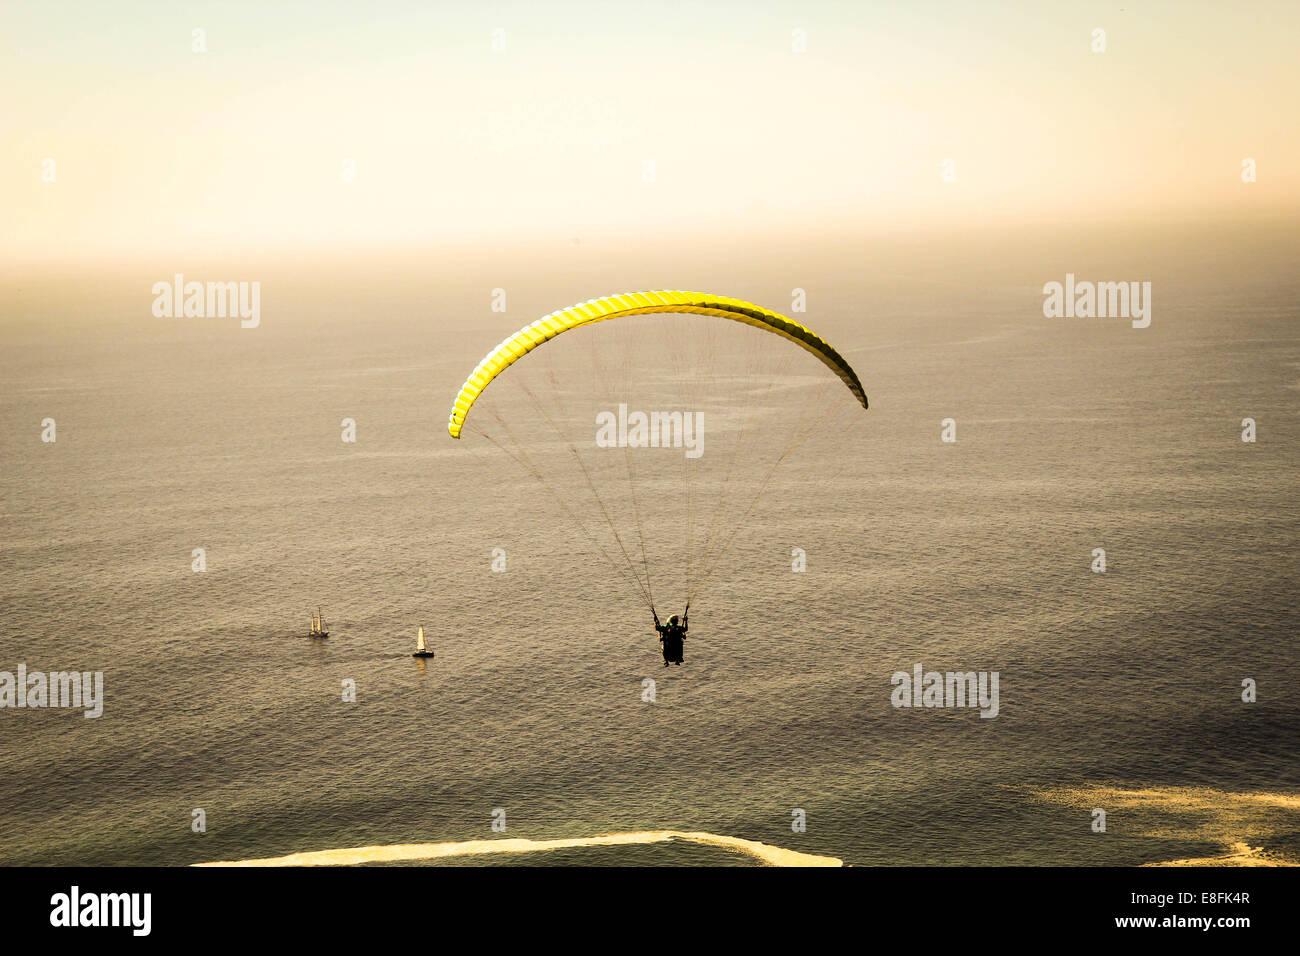 Yellow Parasail - Stock Image